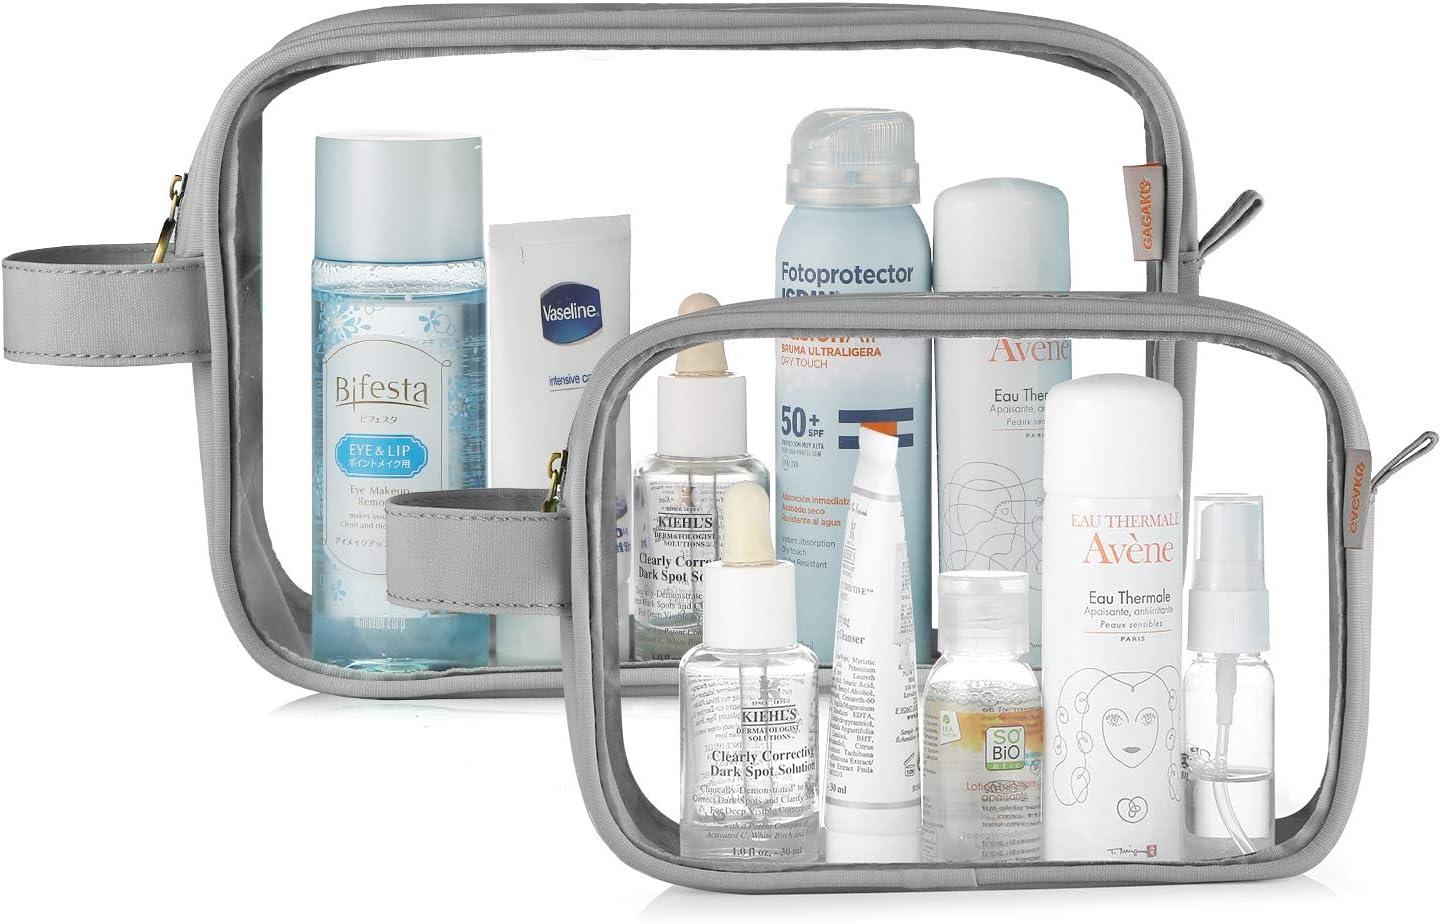 GAGAKU 2pcs Trousse de Toilette Transparente Sac Cosm/étiques Imperm/éable Trousses /à Maquillage pour Voyage